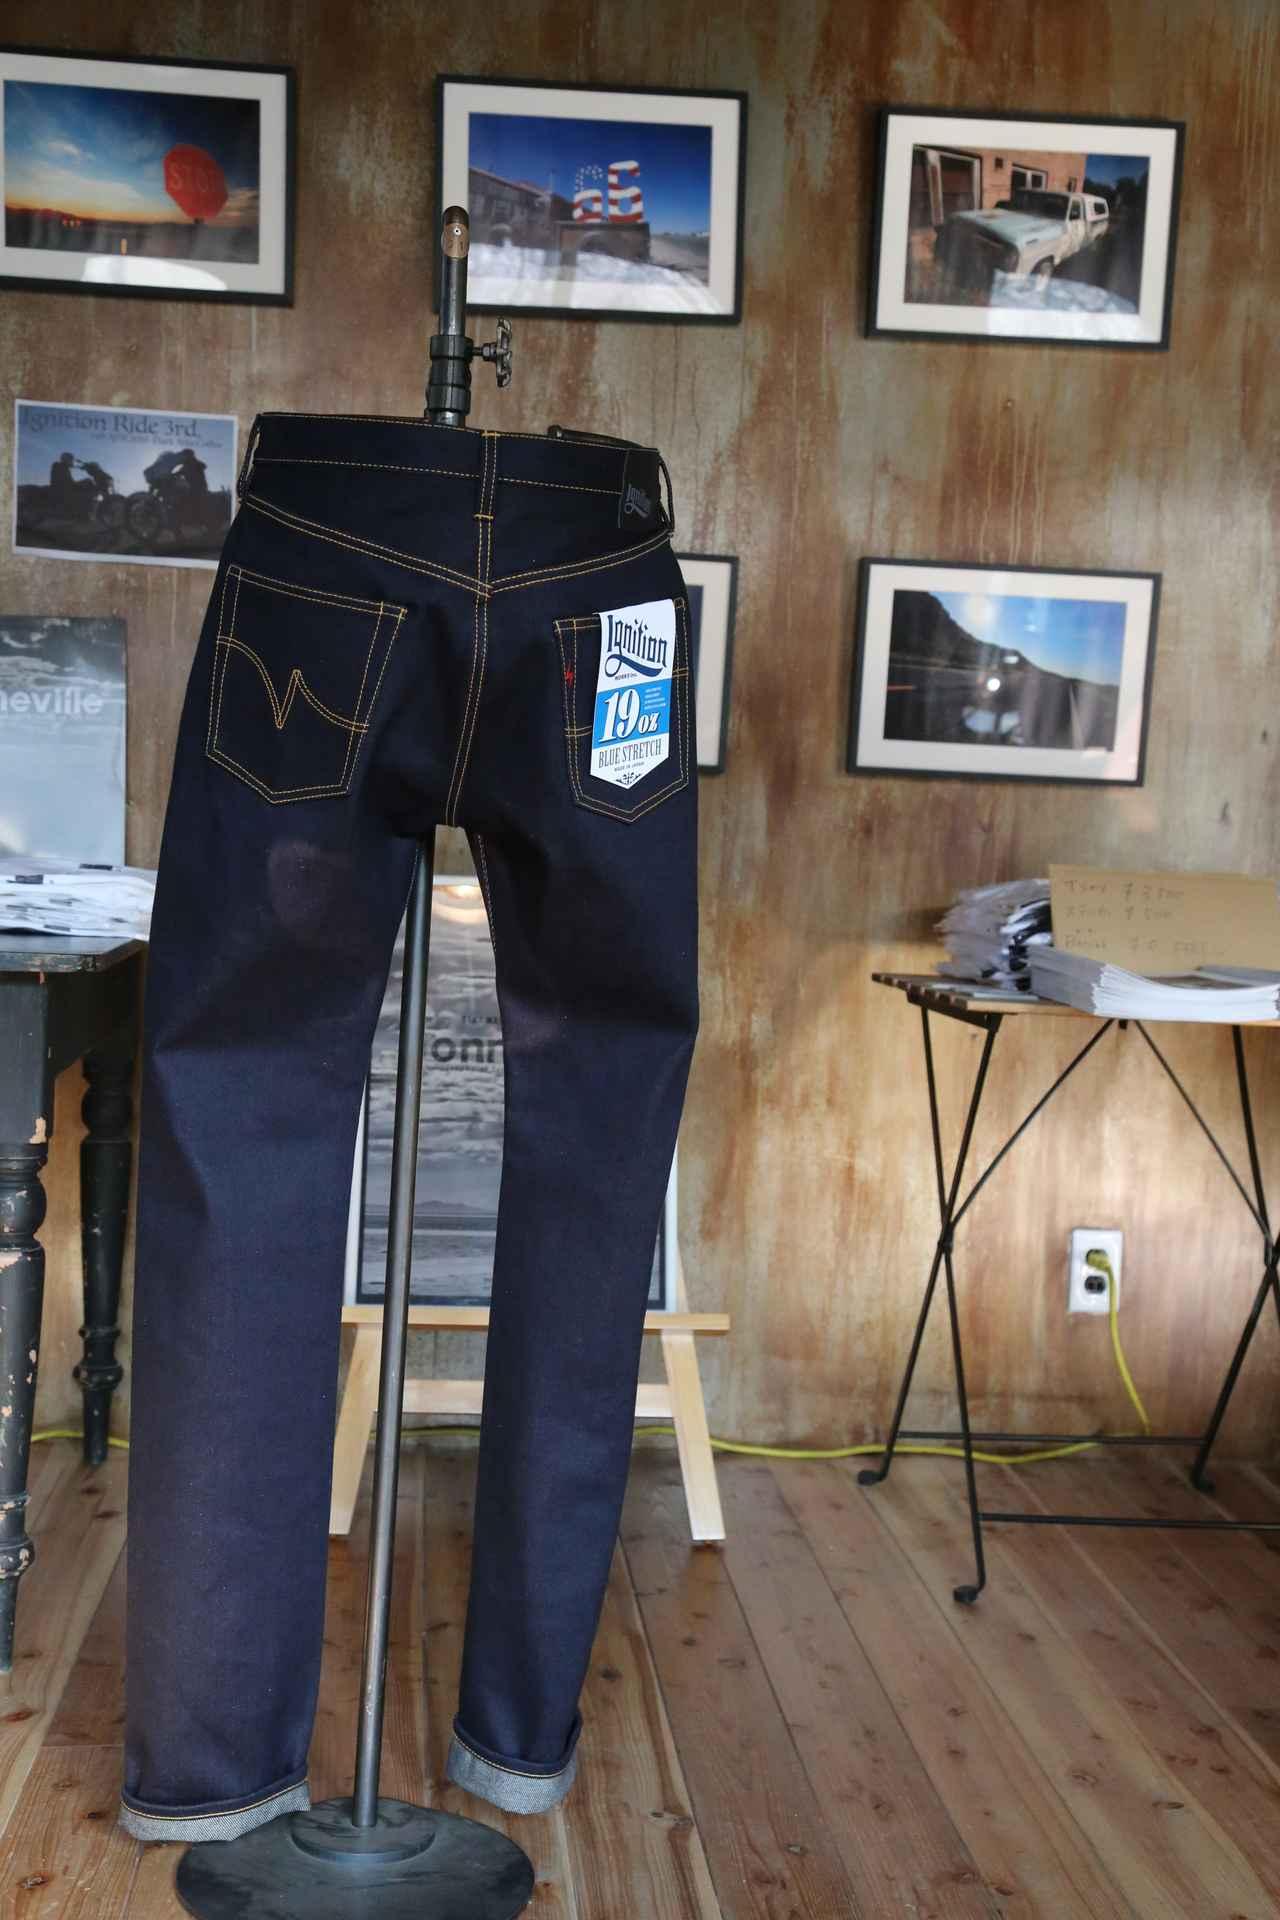 画像2: 今後注目の新ブランド「Ignition」が製品を国内初お披露目! 19ozストレッチデニムという革命的な素材を生み出し、まずは米国で展開!